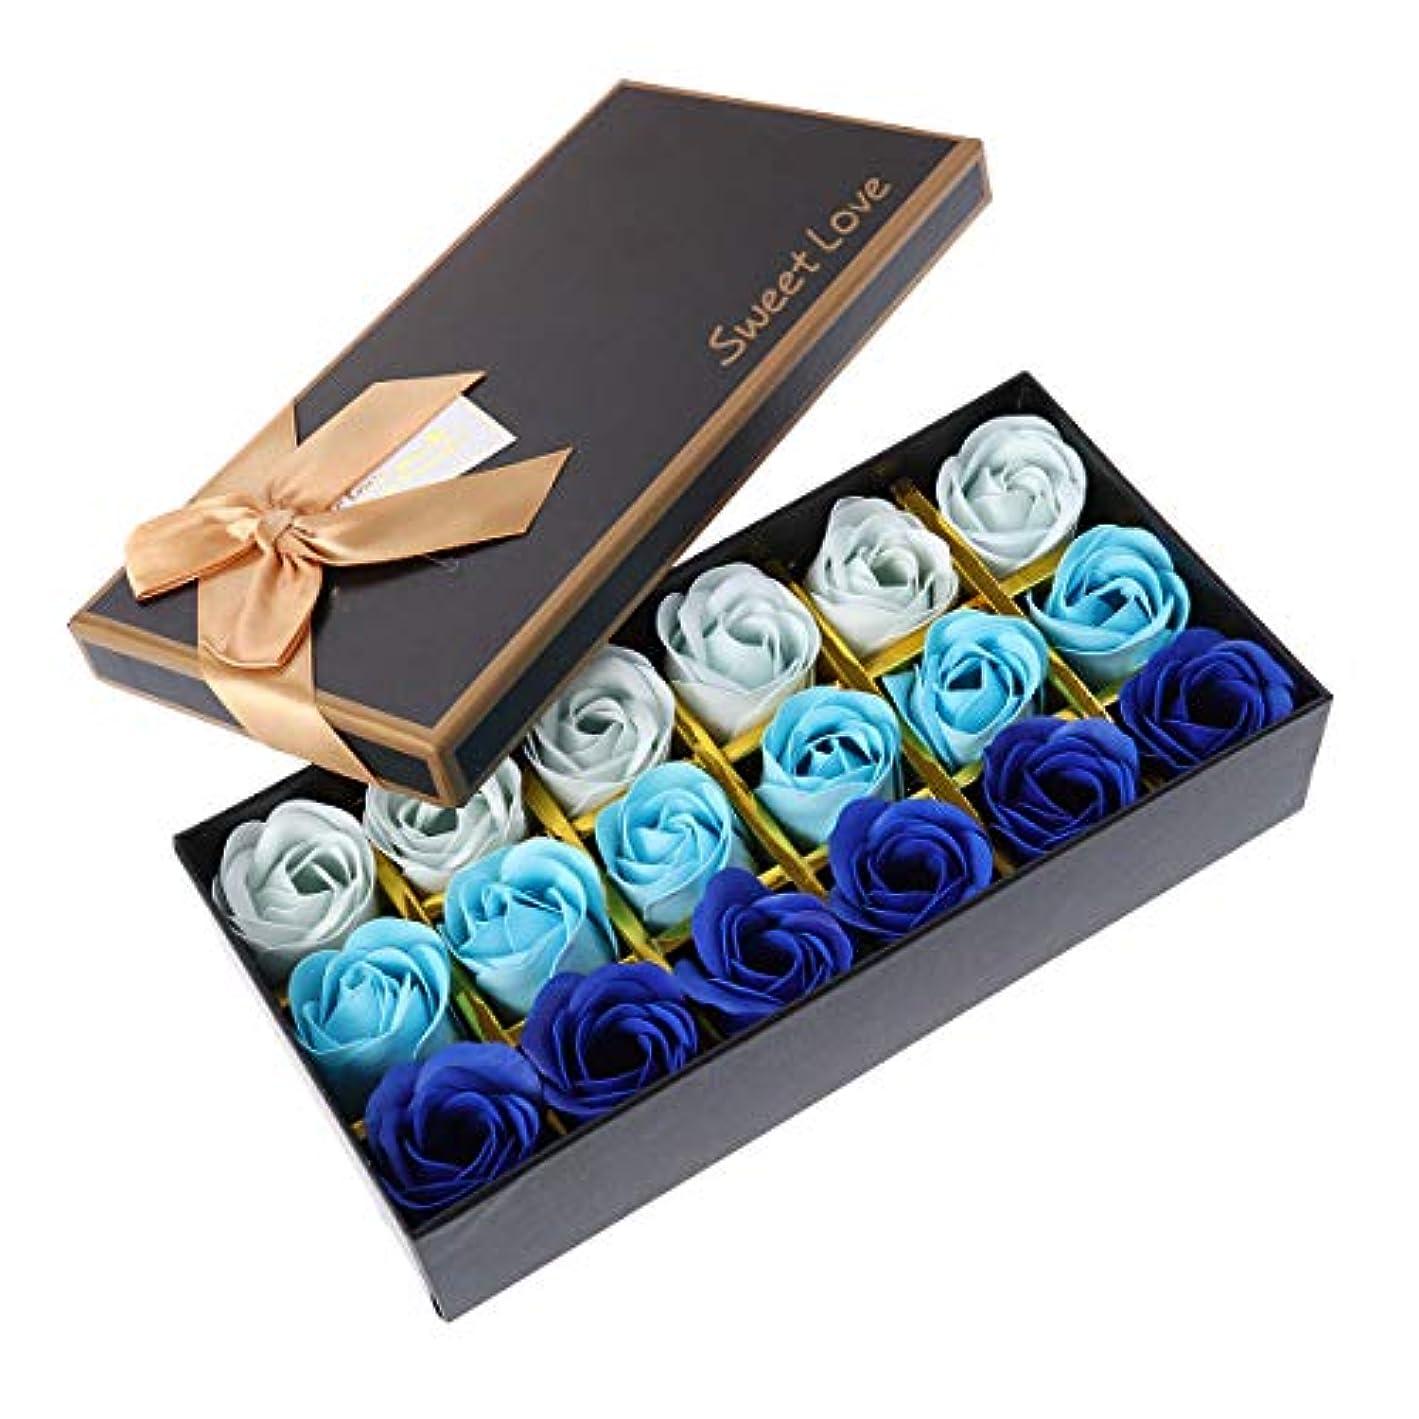 平方シャットるBeaupretty バレンタインデーの結婚式の誕生日プレゼントのための小さなクマとバラの石鹸の花